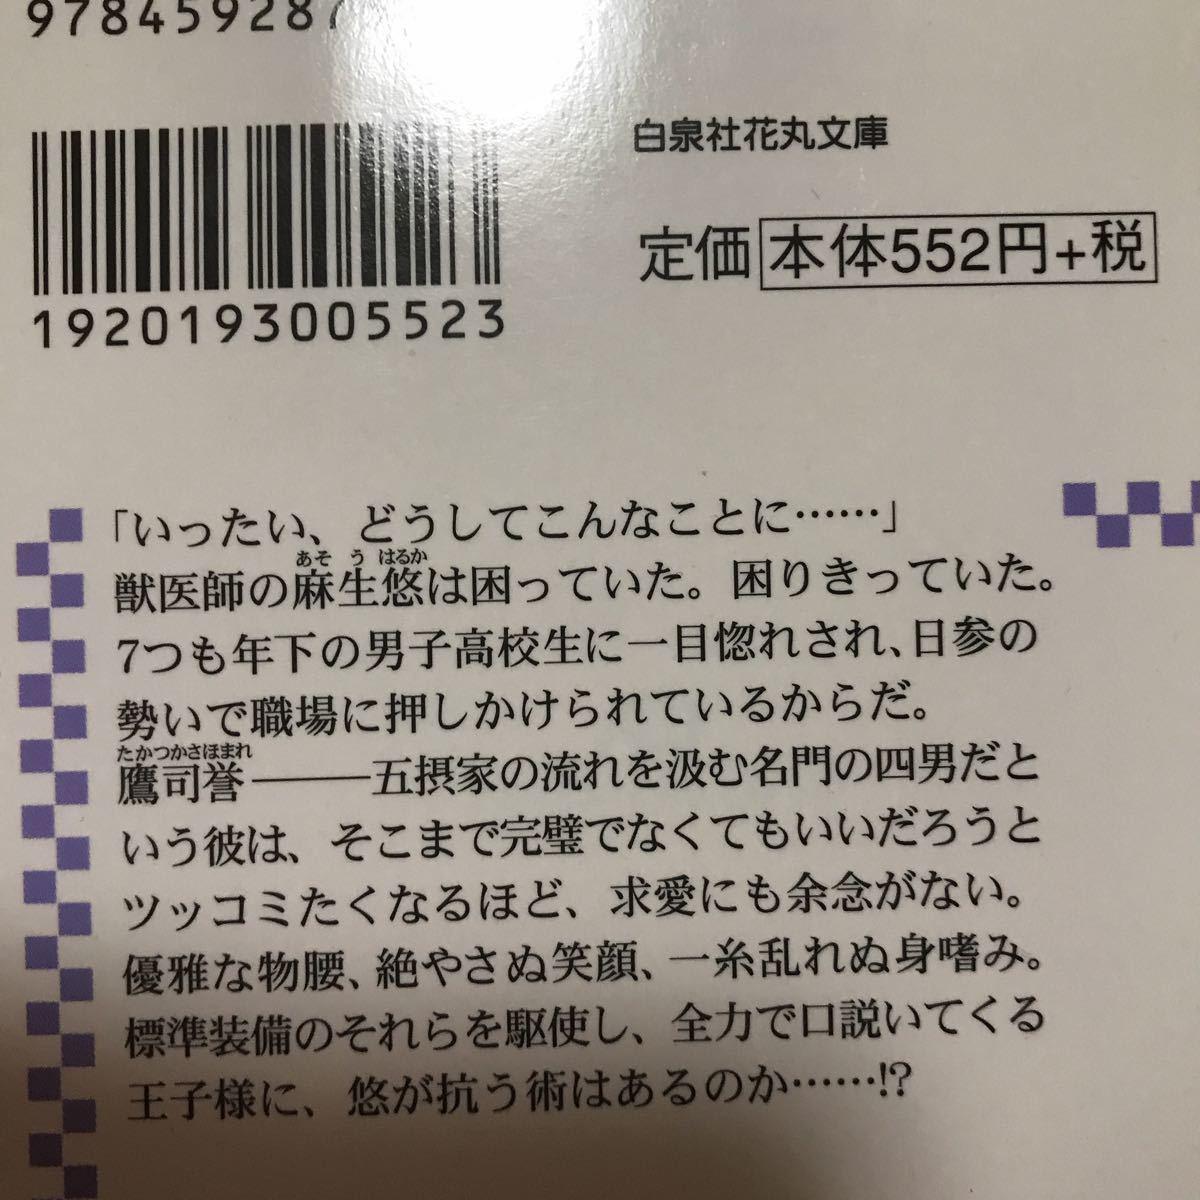 プリンス ロマンティック ロマンティック・プリンス 本の通販/日生水貴の本の詳細情報